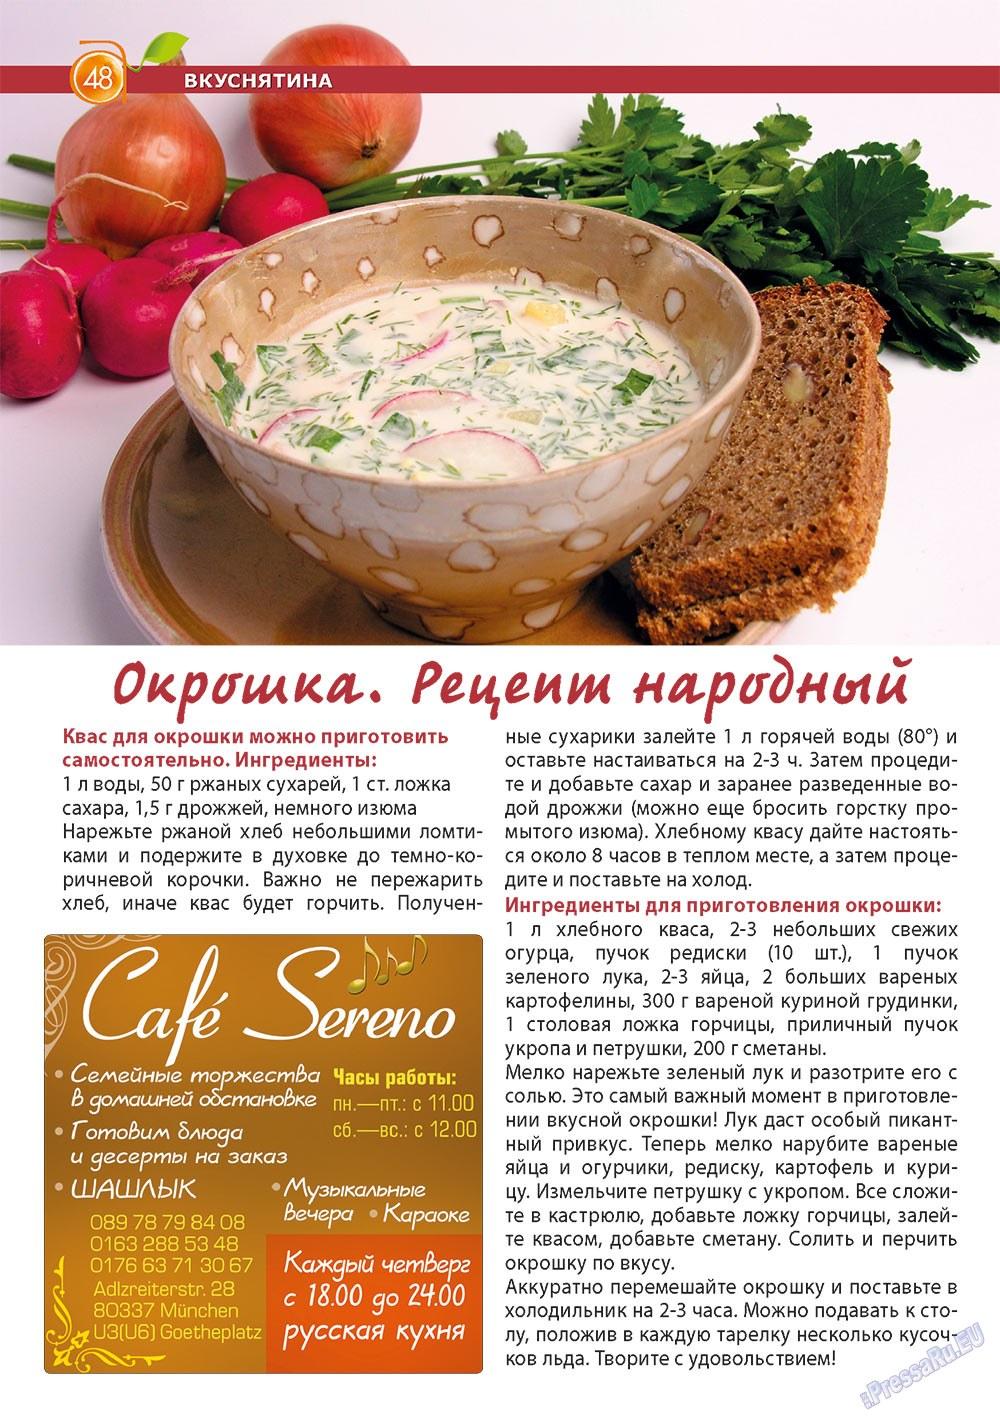 Апельсин (журнал). 2013 год, номер 48, стр. 46